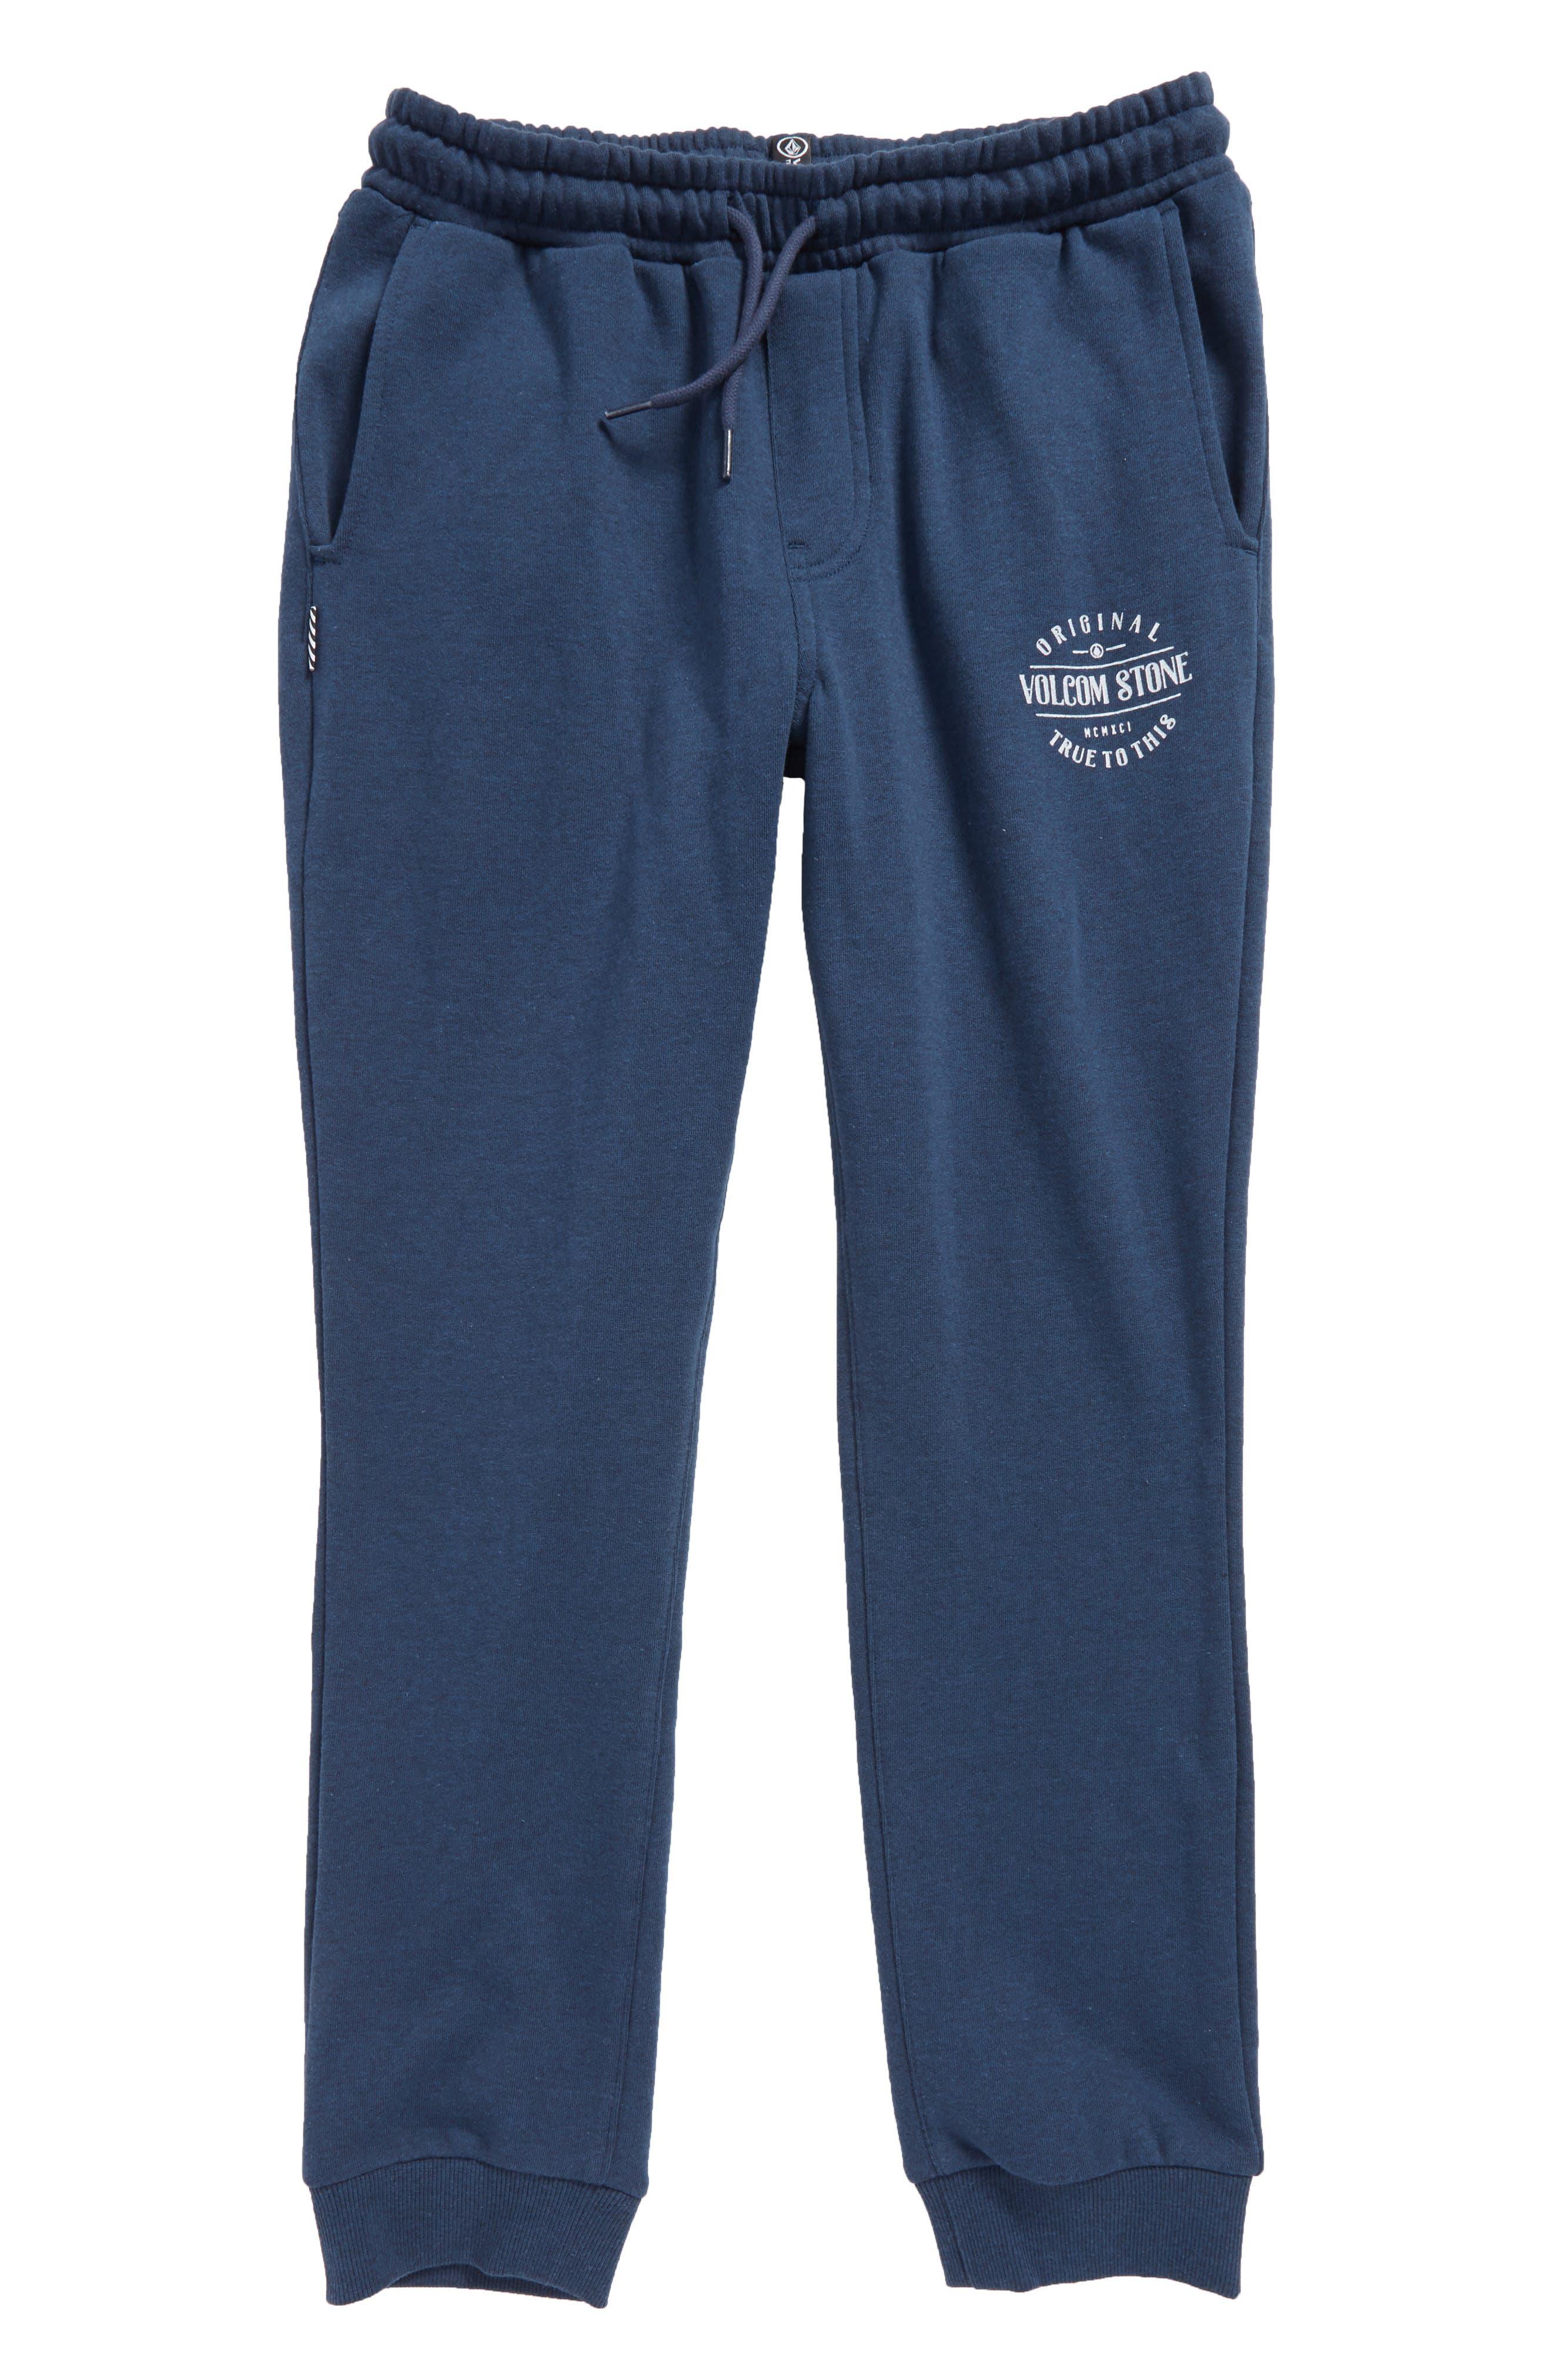 Volcom Reload Fleece Jogger Pants (Big Boys)